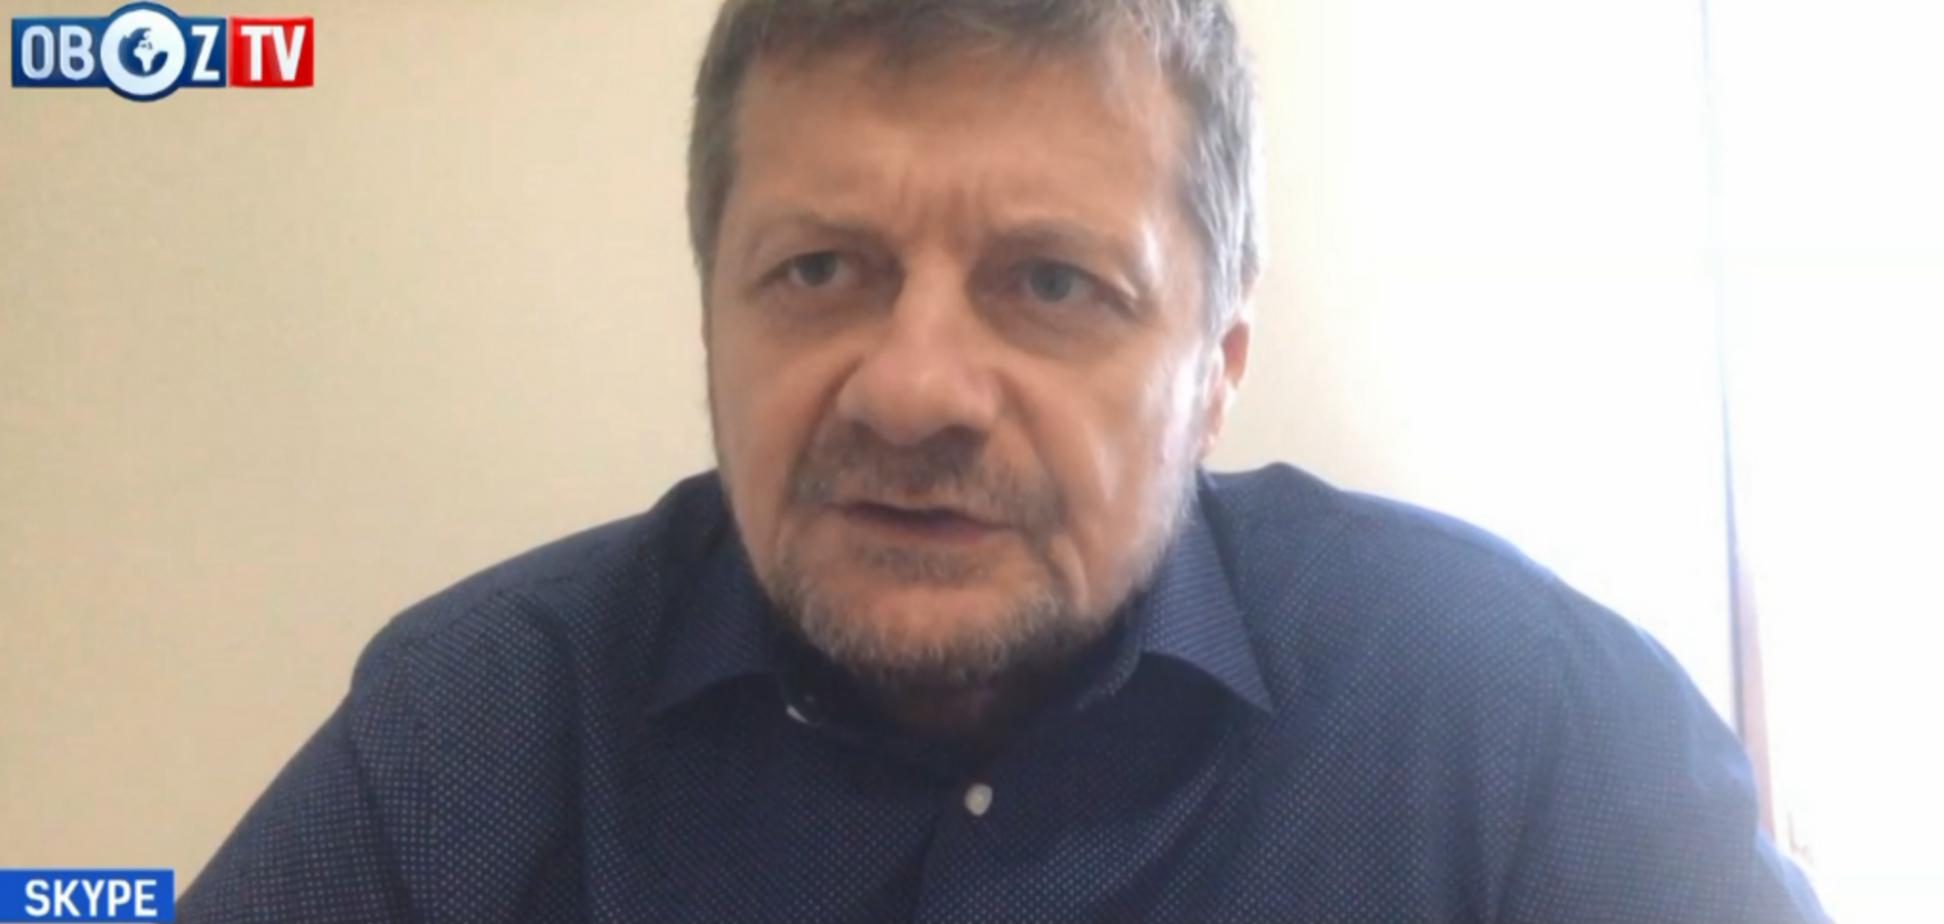 $500 тыс. за убийство Окуевой: Мосийчук раскрыл подробности дела